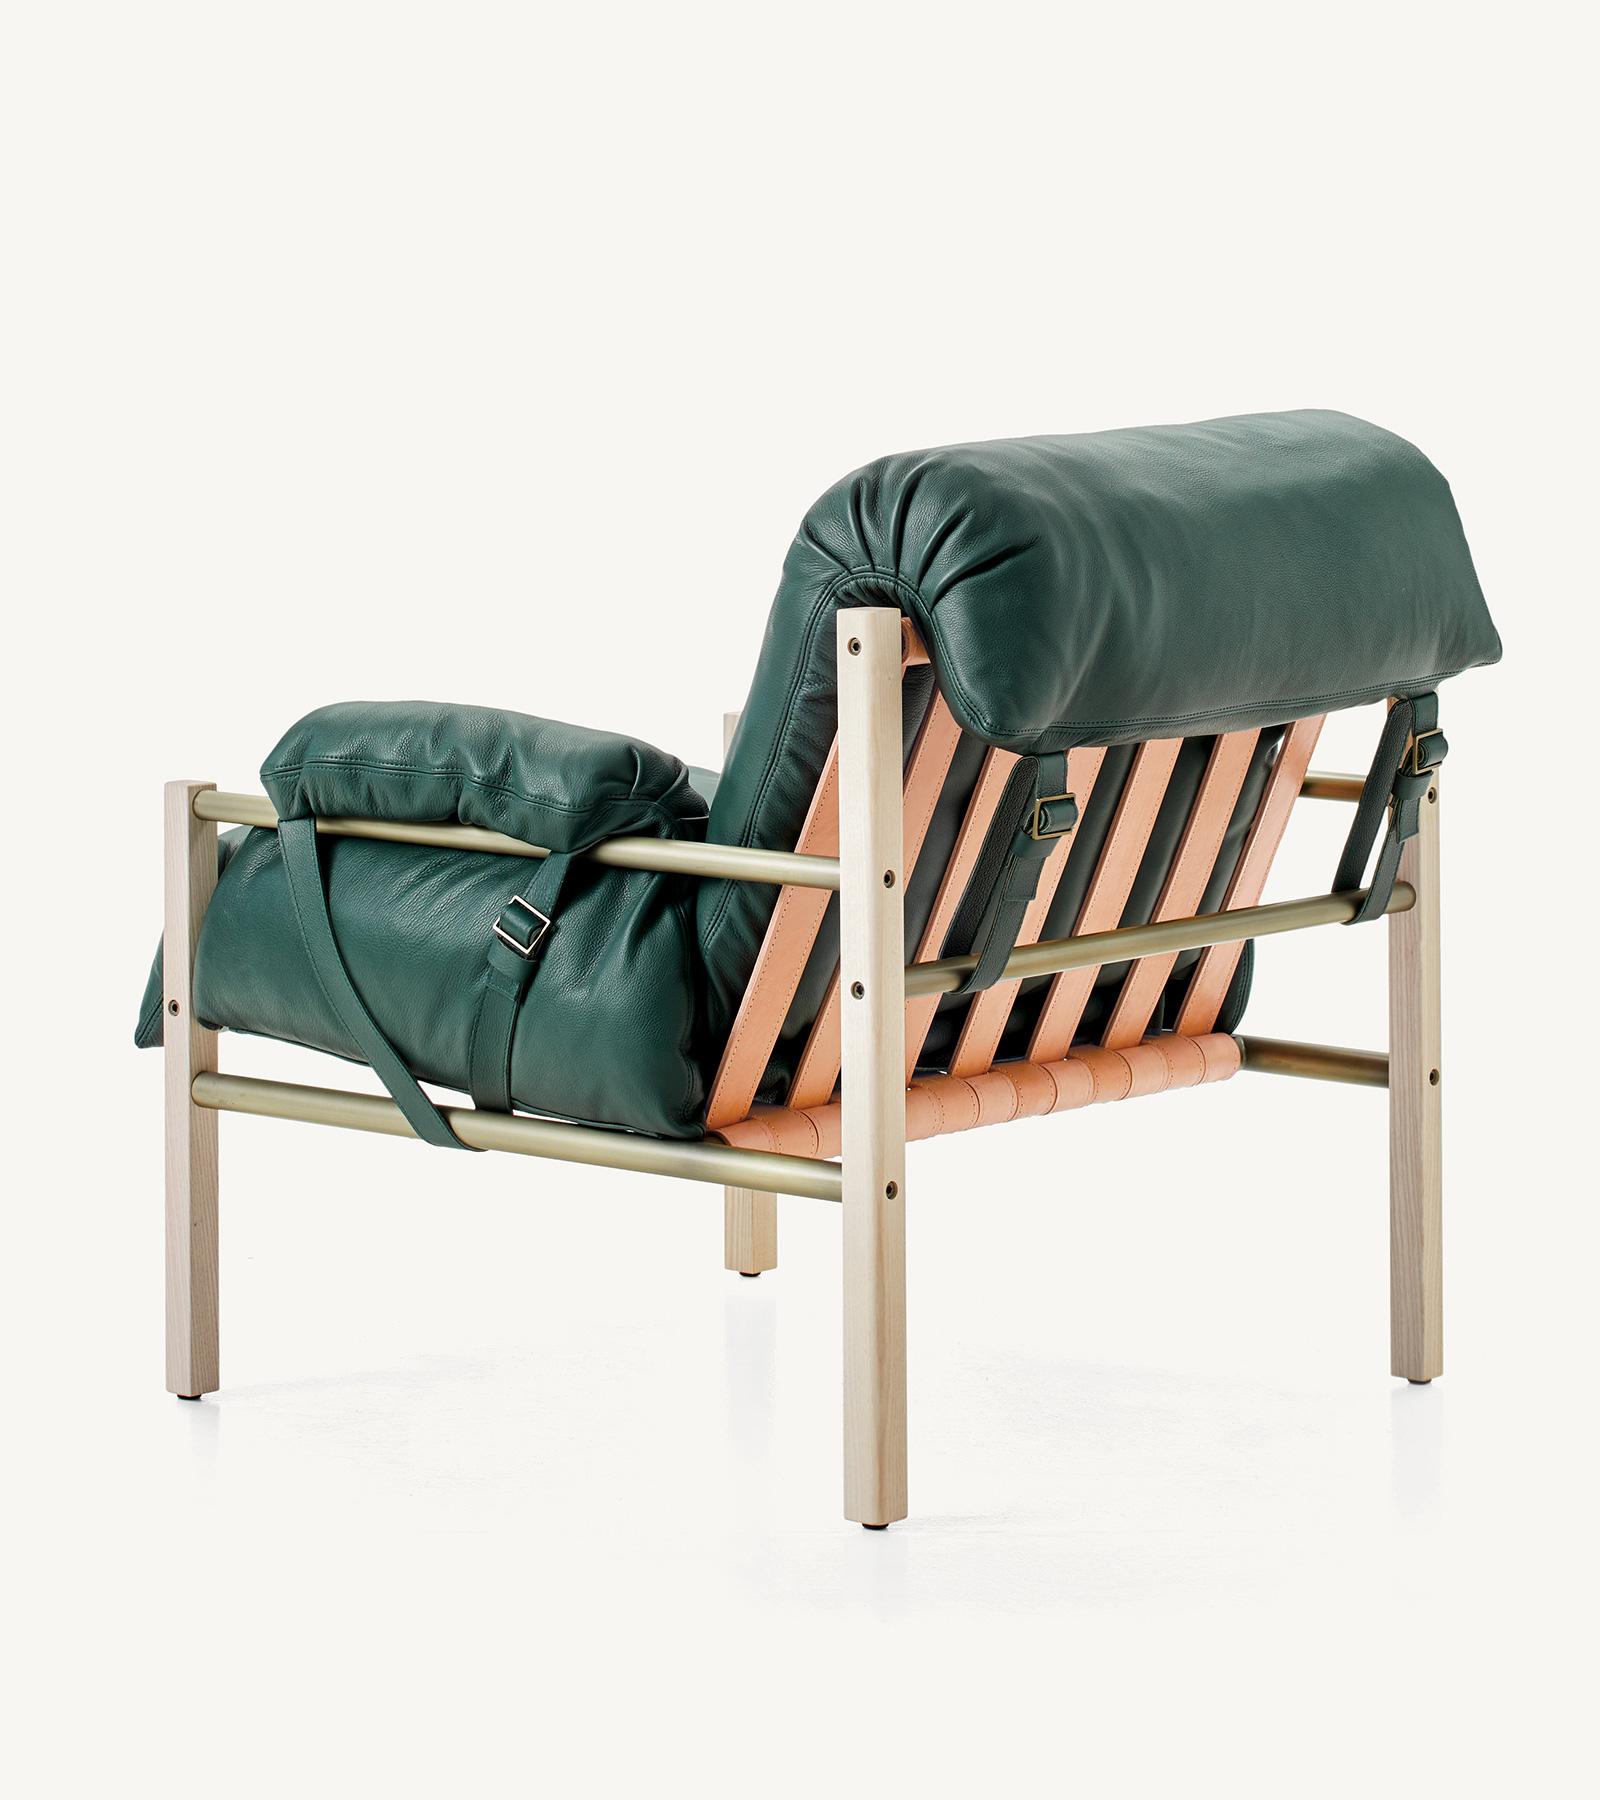 TinnappleMetz-bassamfellows-Sling-Club-Chair-08